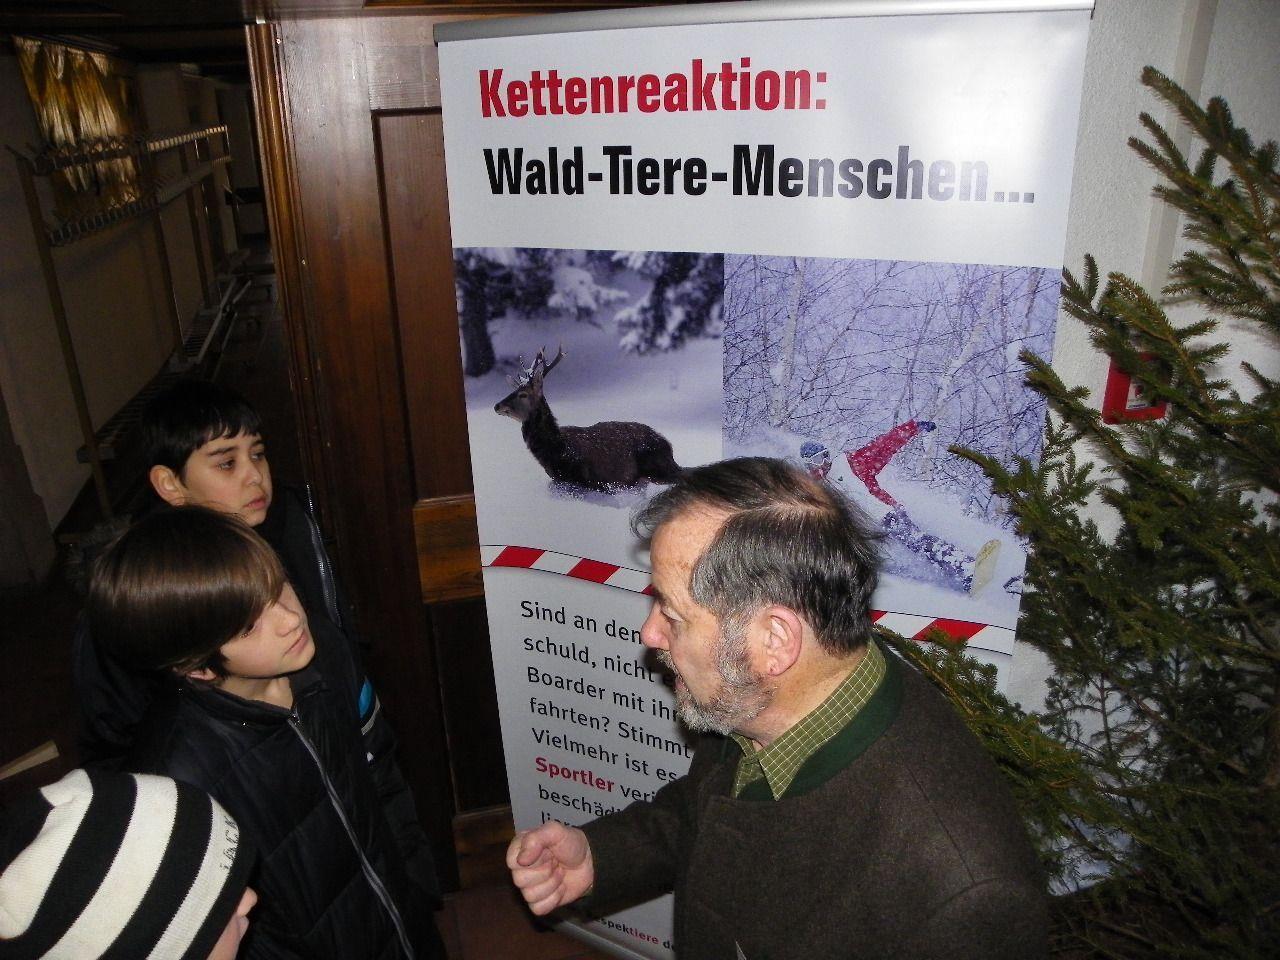 Die Grenzen von Wildrevieren sollen respektiert werden